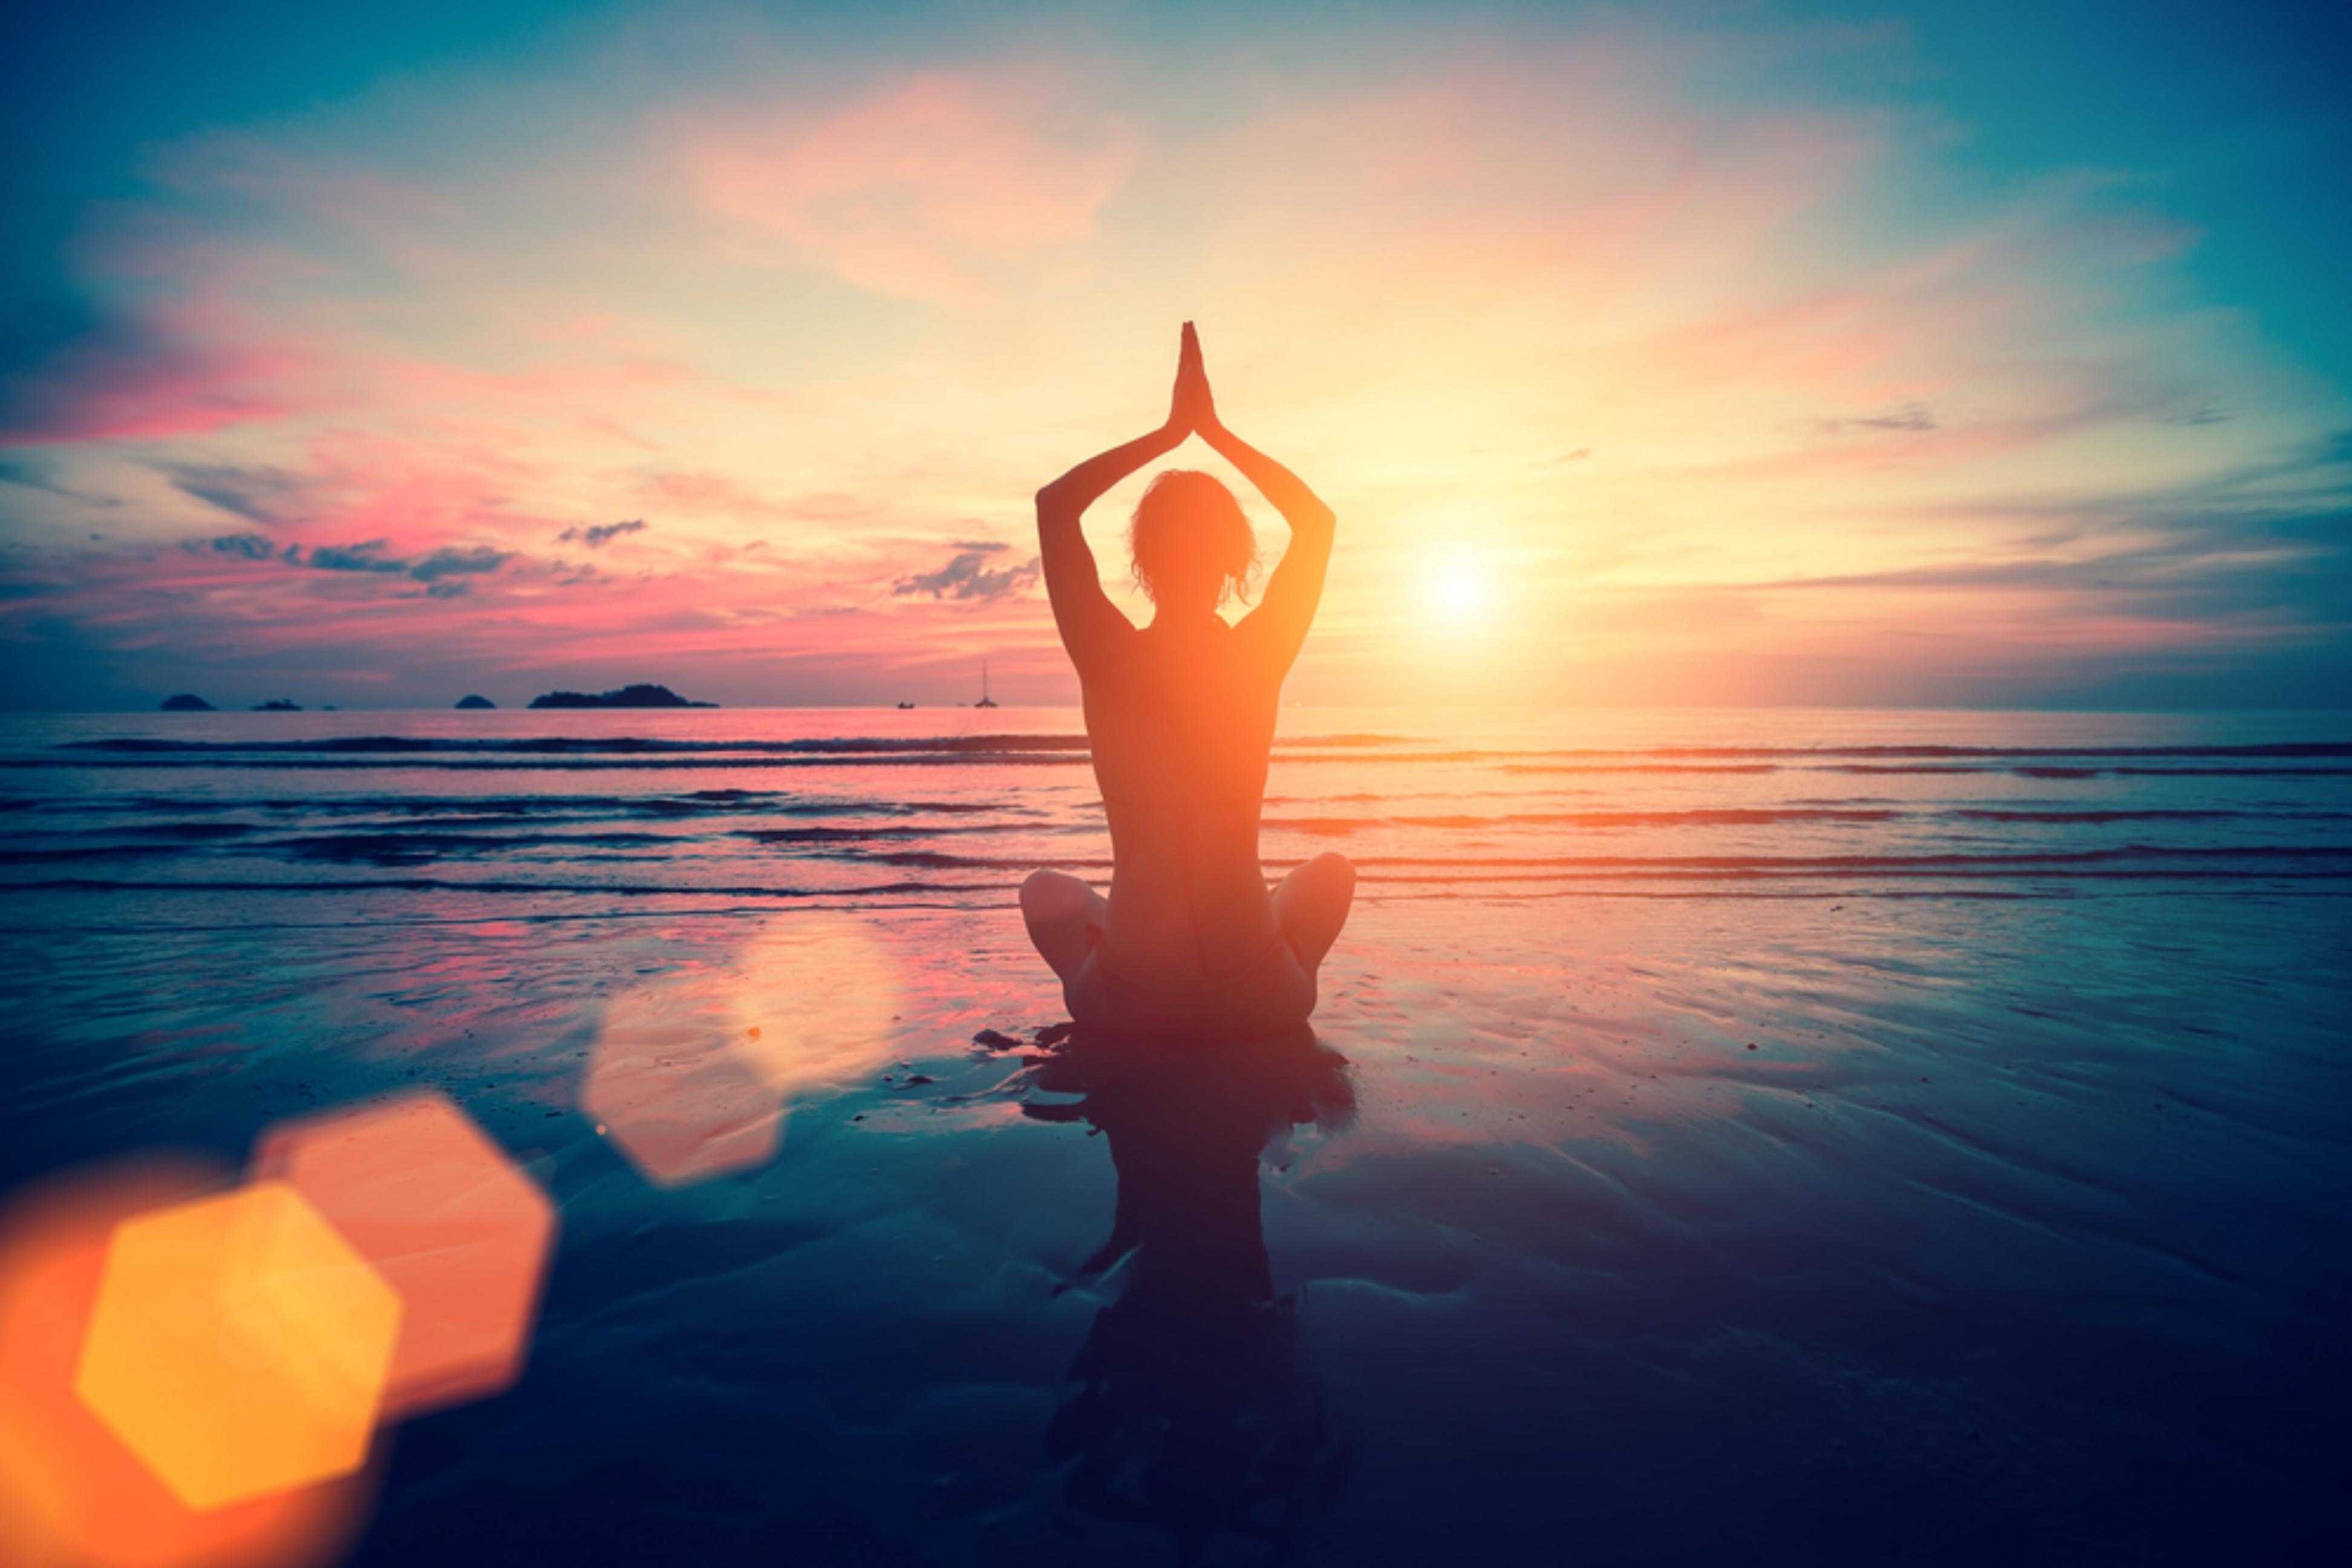 Phoenixfit - Mindfulness Monday